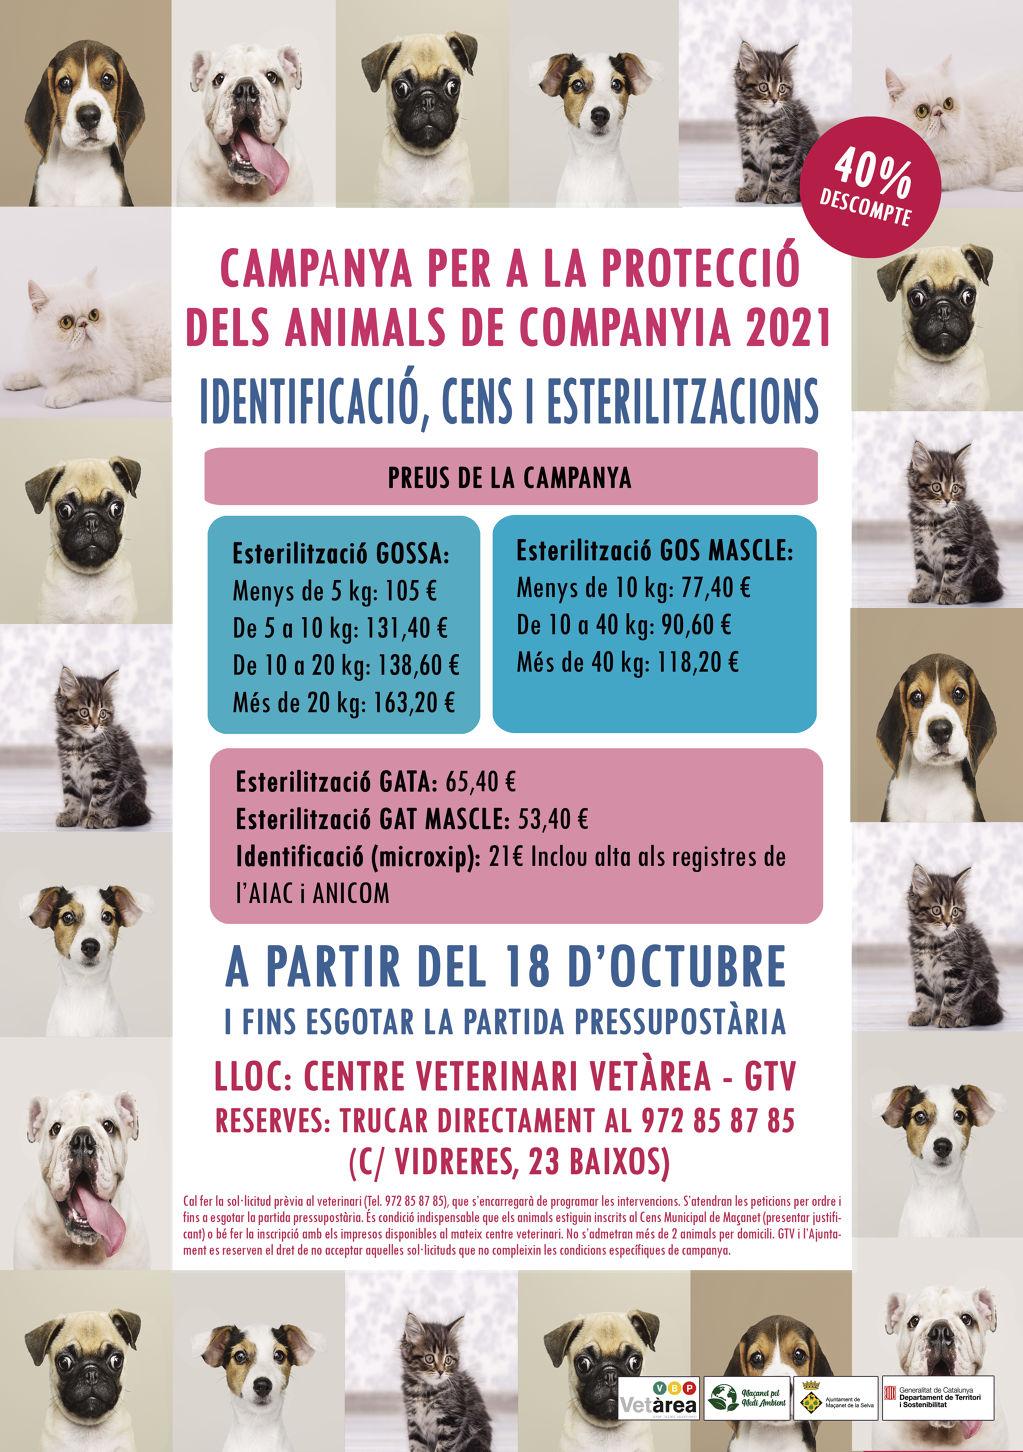 Campanya per a la protecció d'animals de companyia